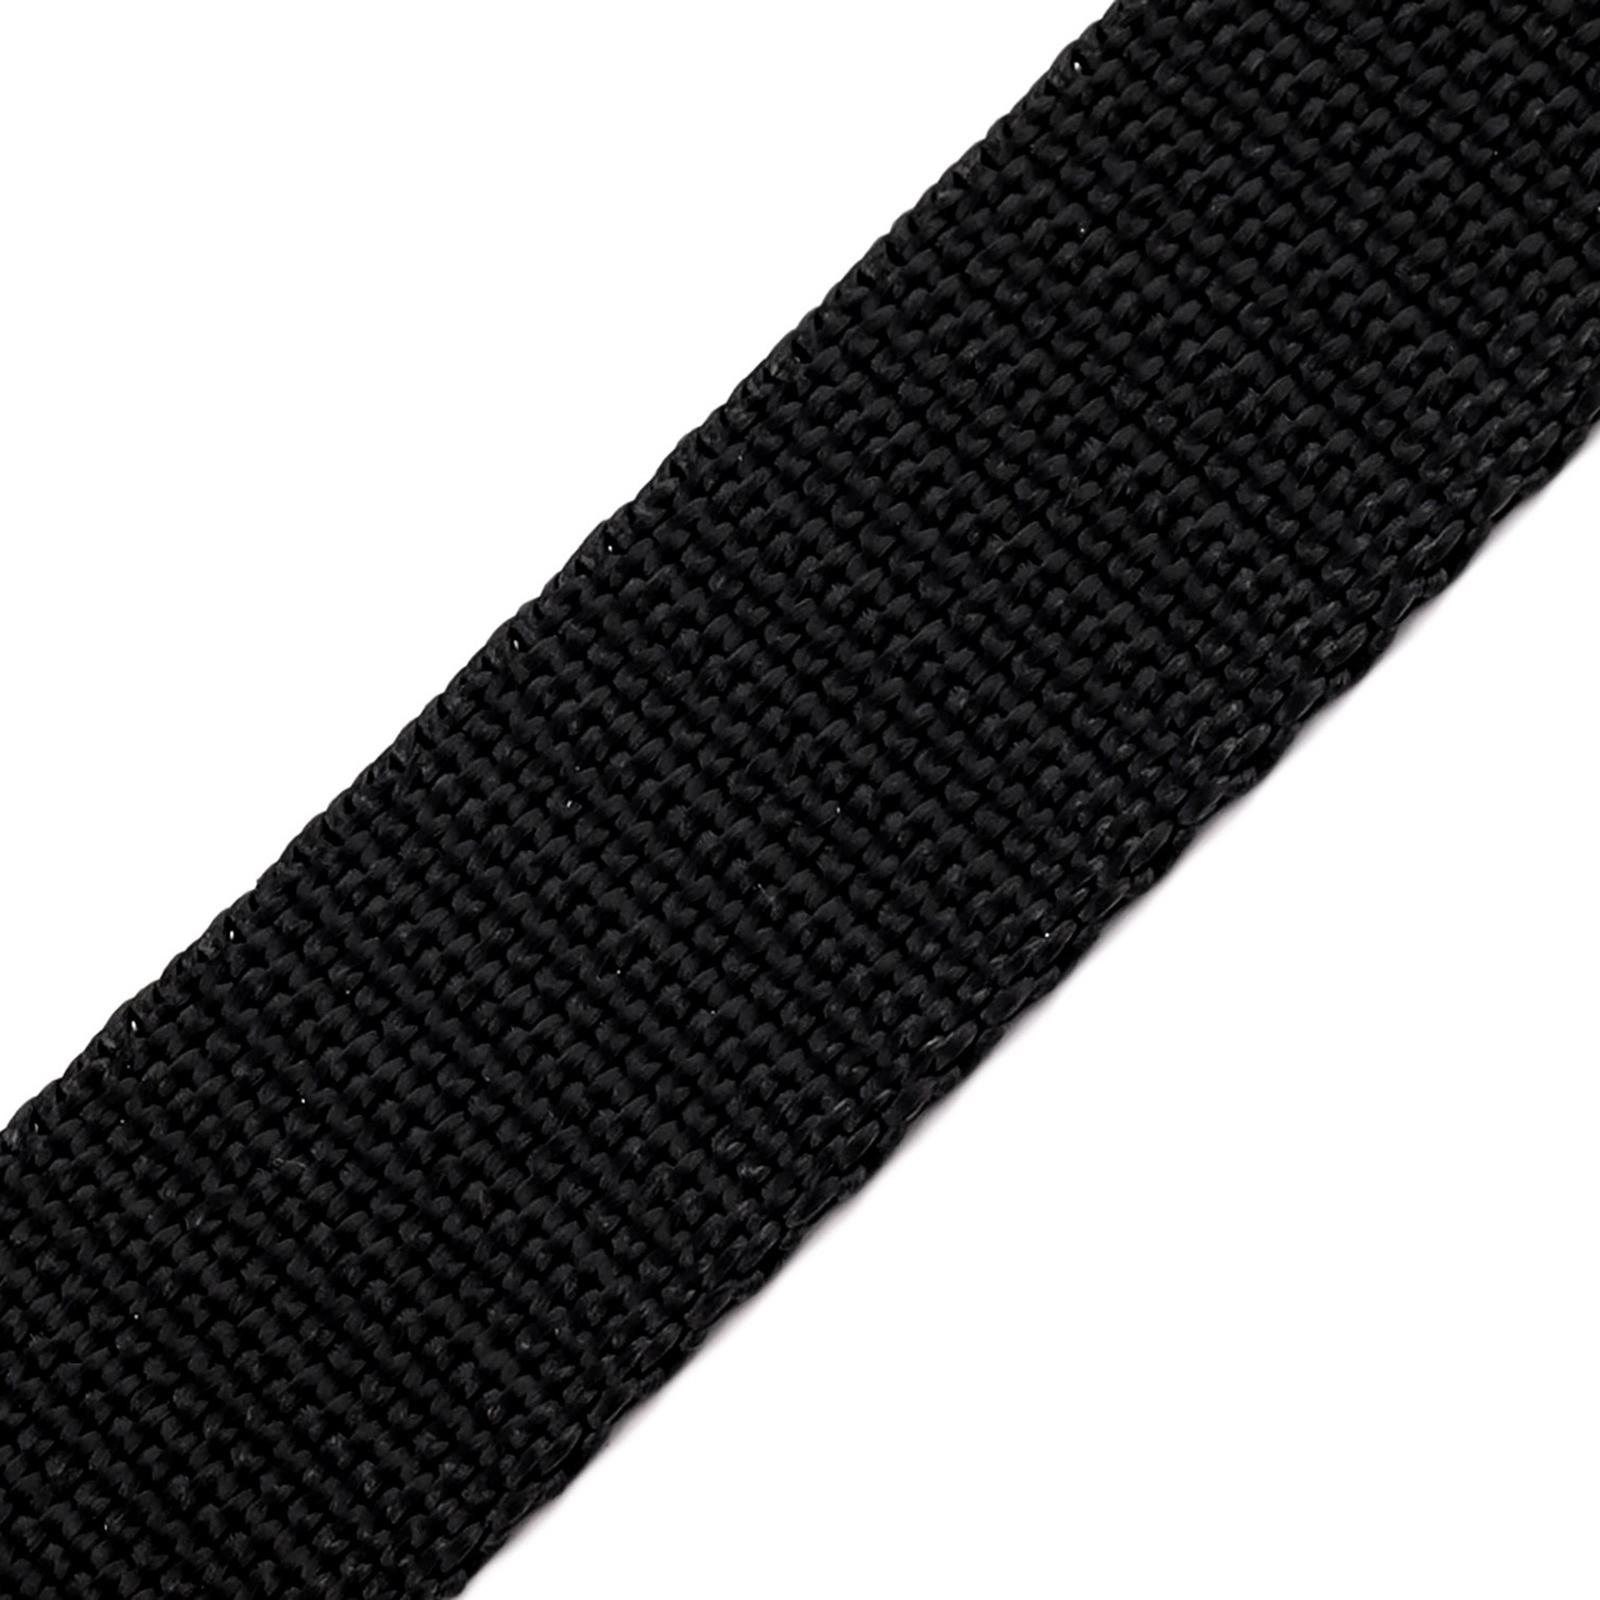 50m PP Gurtband, Polyester, 1,3mm stark, Wähle deine Größe und Farbe – Bild 9